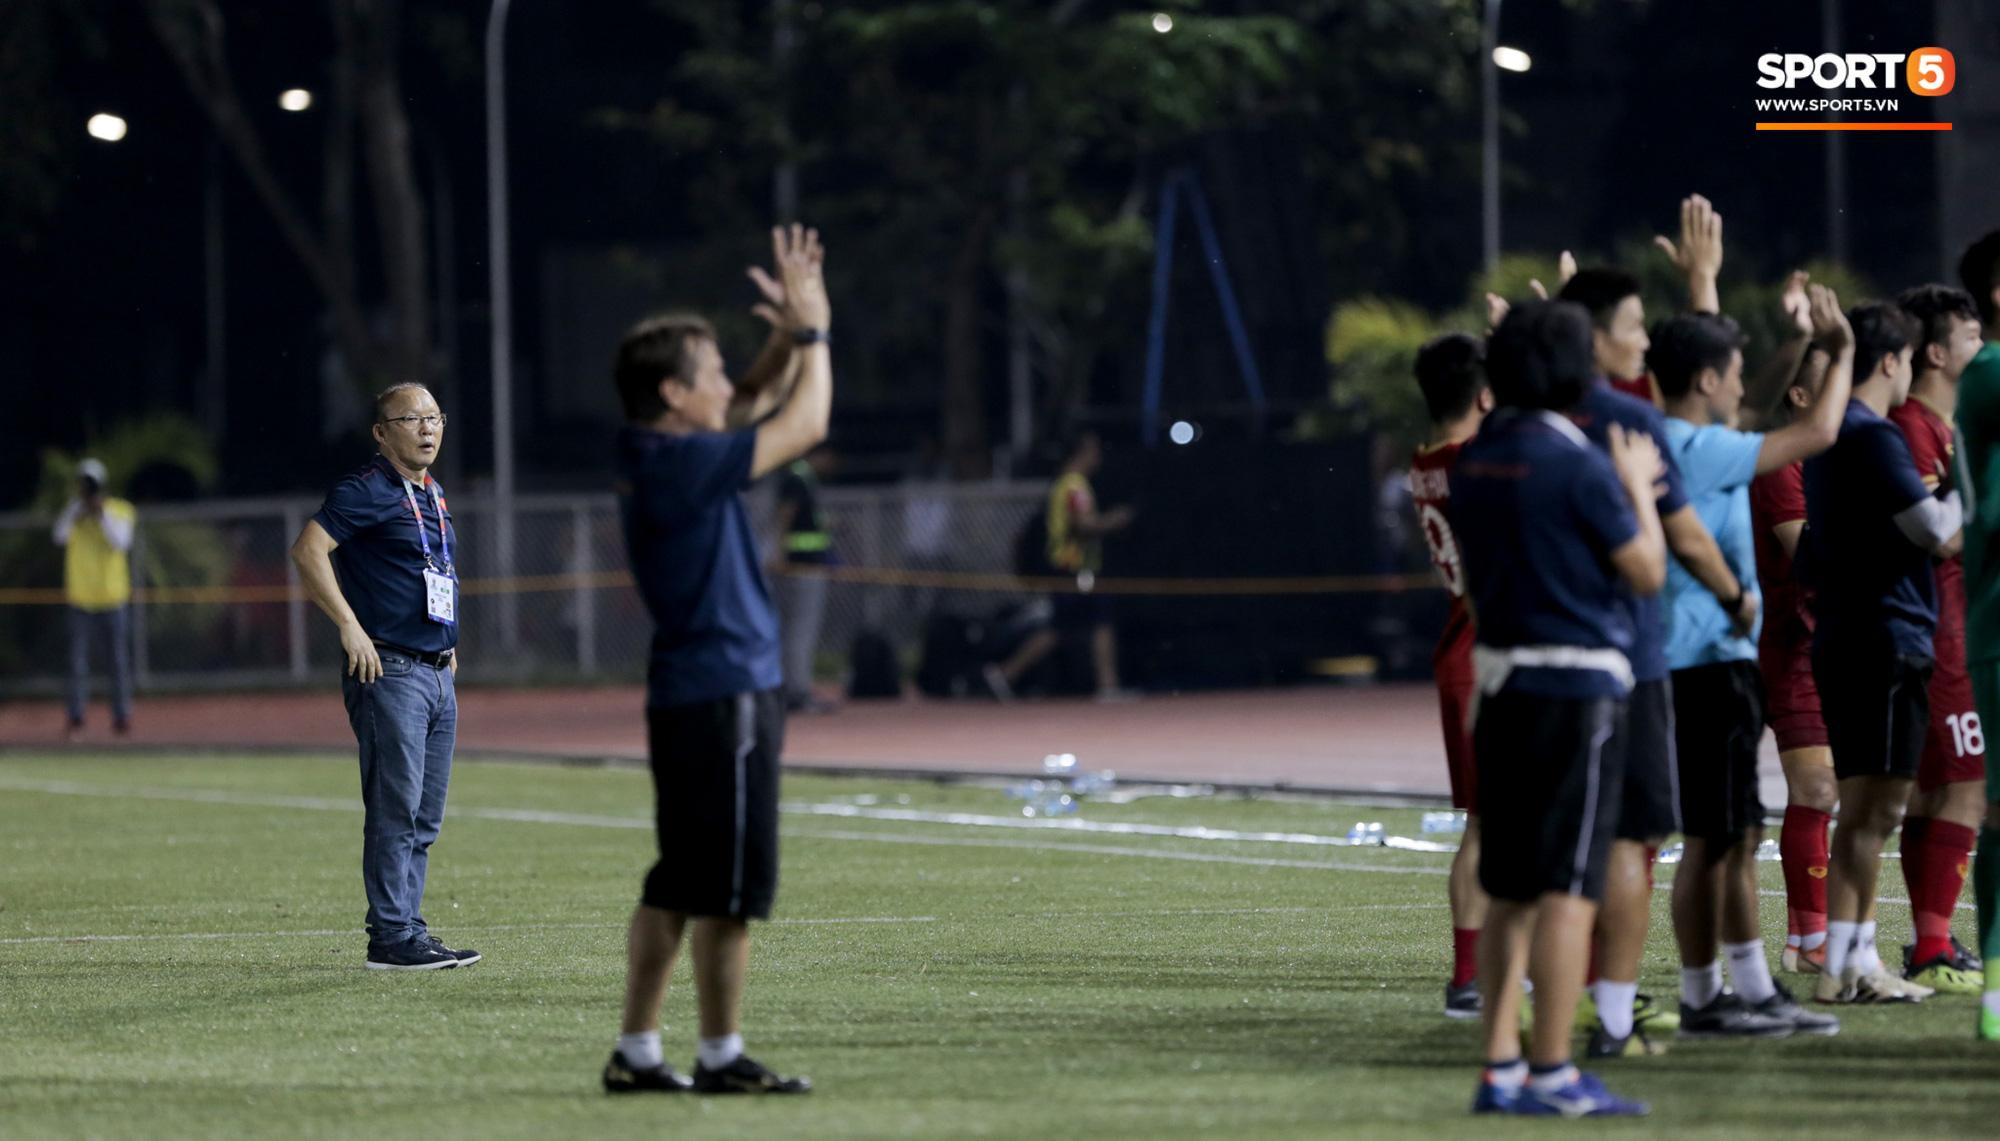 HLV Park Hang-seo mệt mỏi, lặng lẽ đứng từ xa nhìn học trò cảm ơn CĐV sau trận đấu khó nhất SEA Games 30 - Ảnh 2.